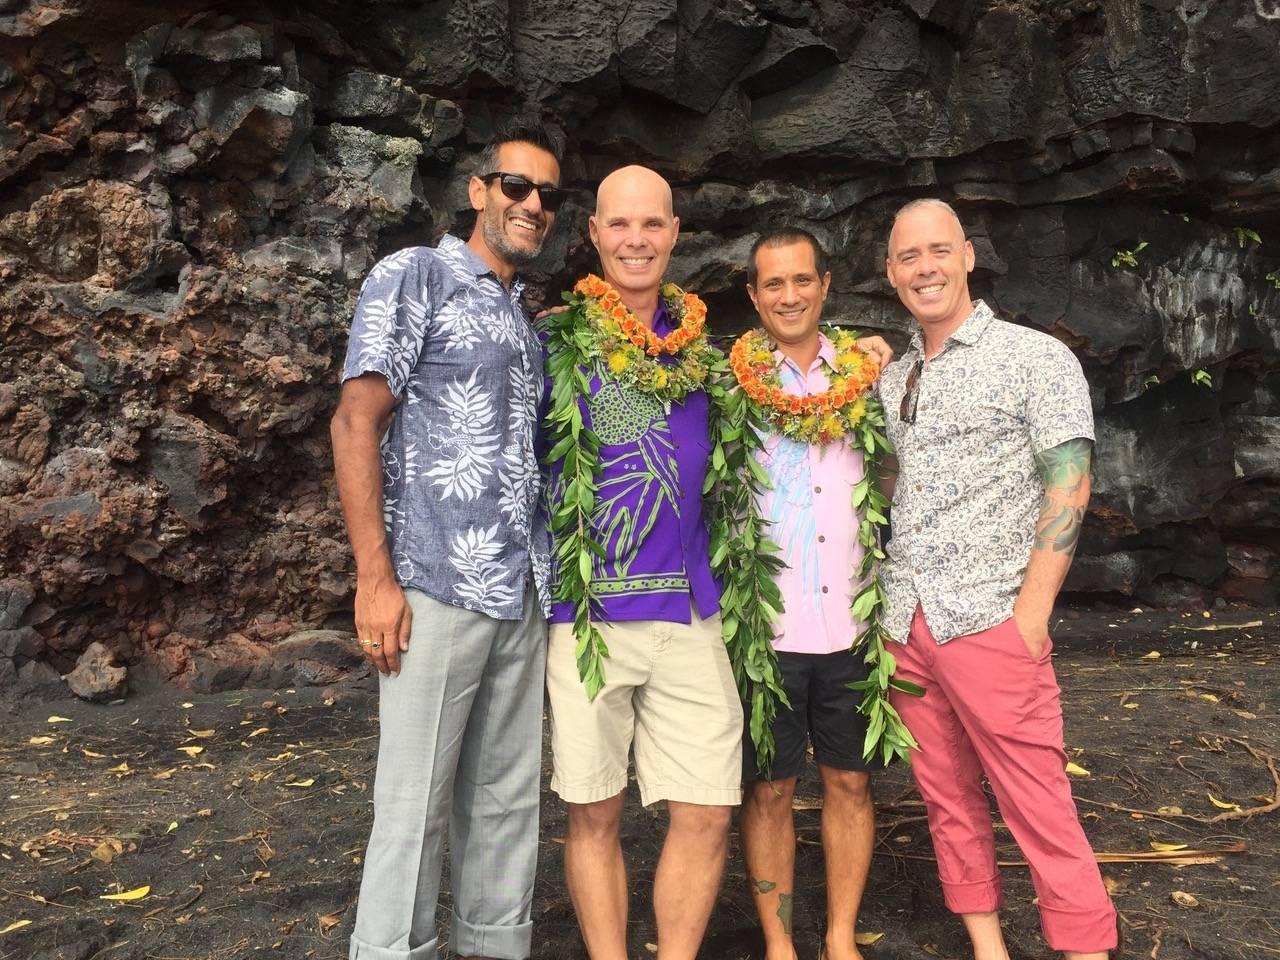 Host story Hawaii: Die Hochzeitsreise ist noch nicht vorbei!